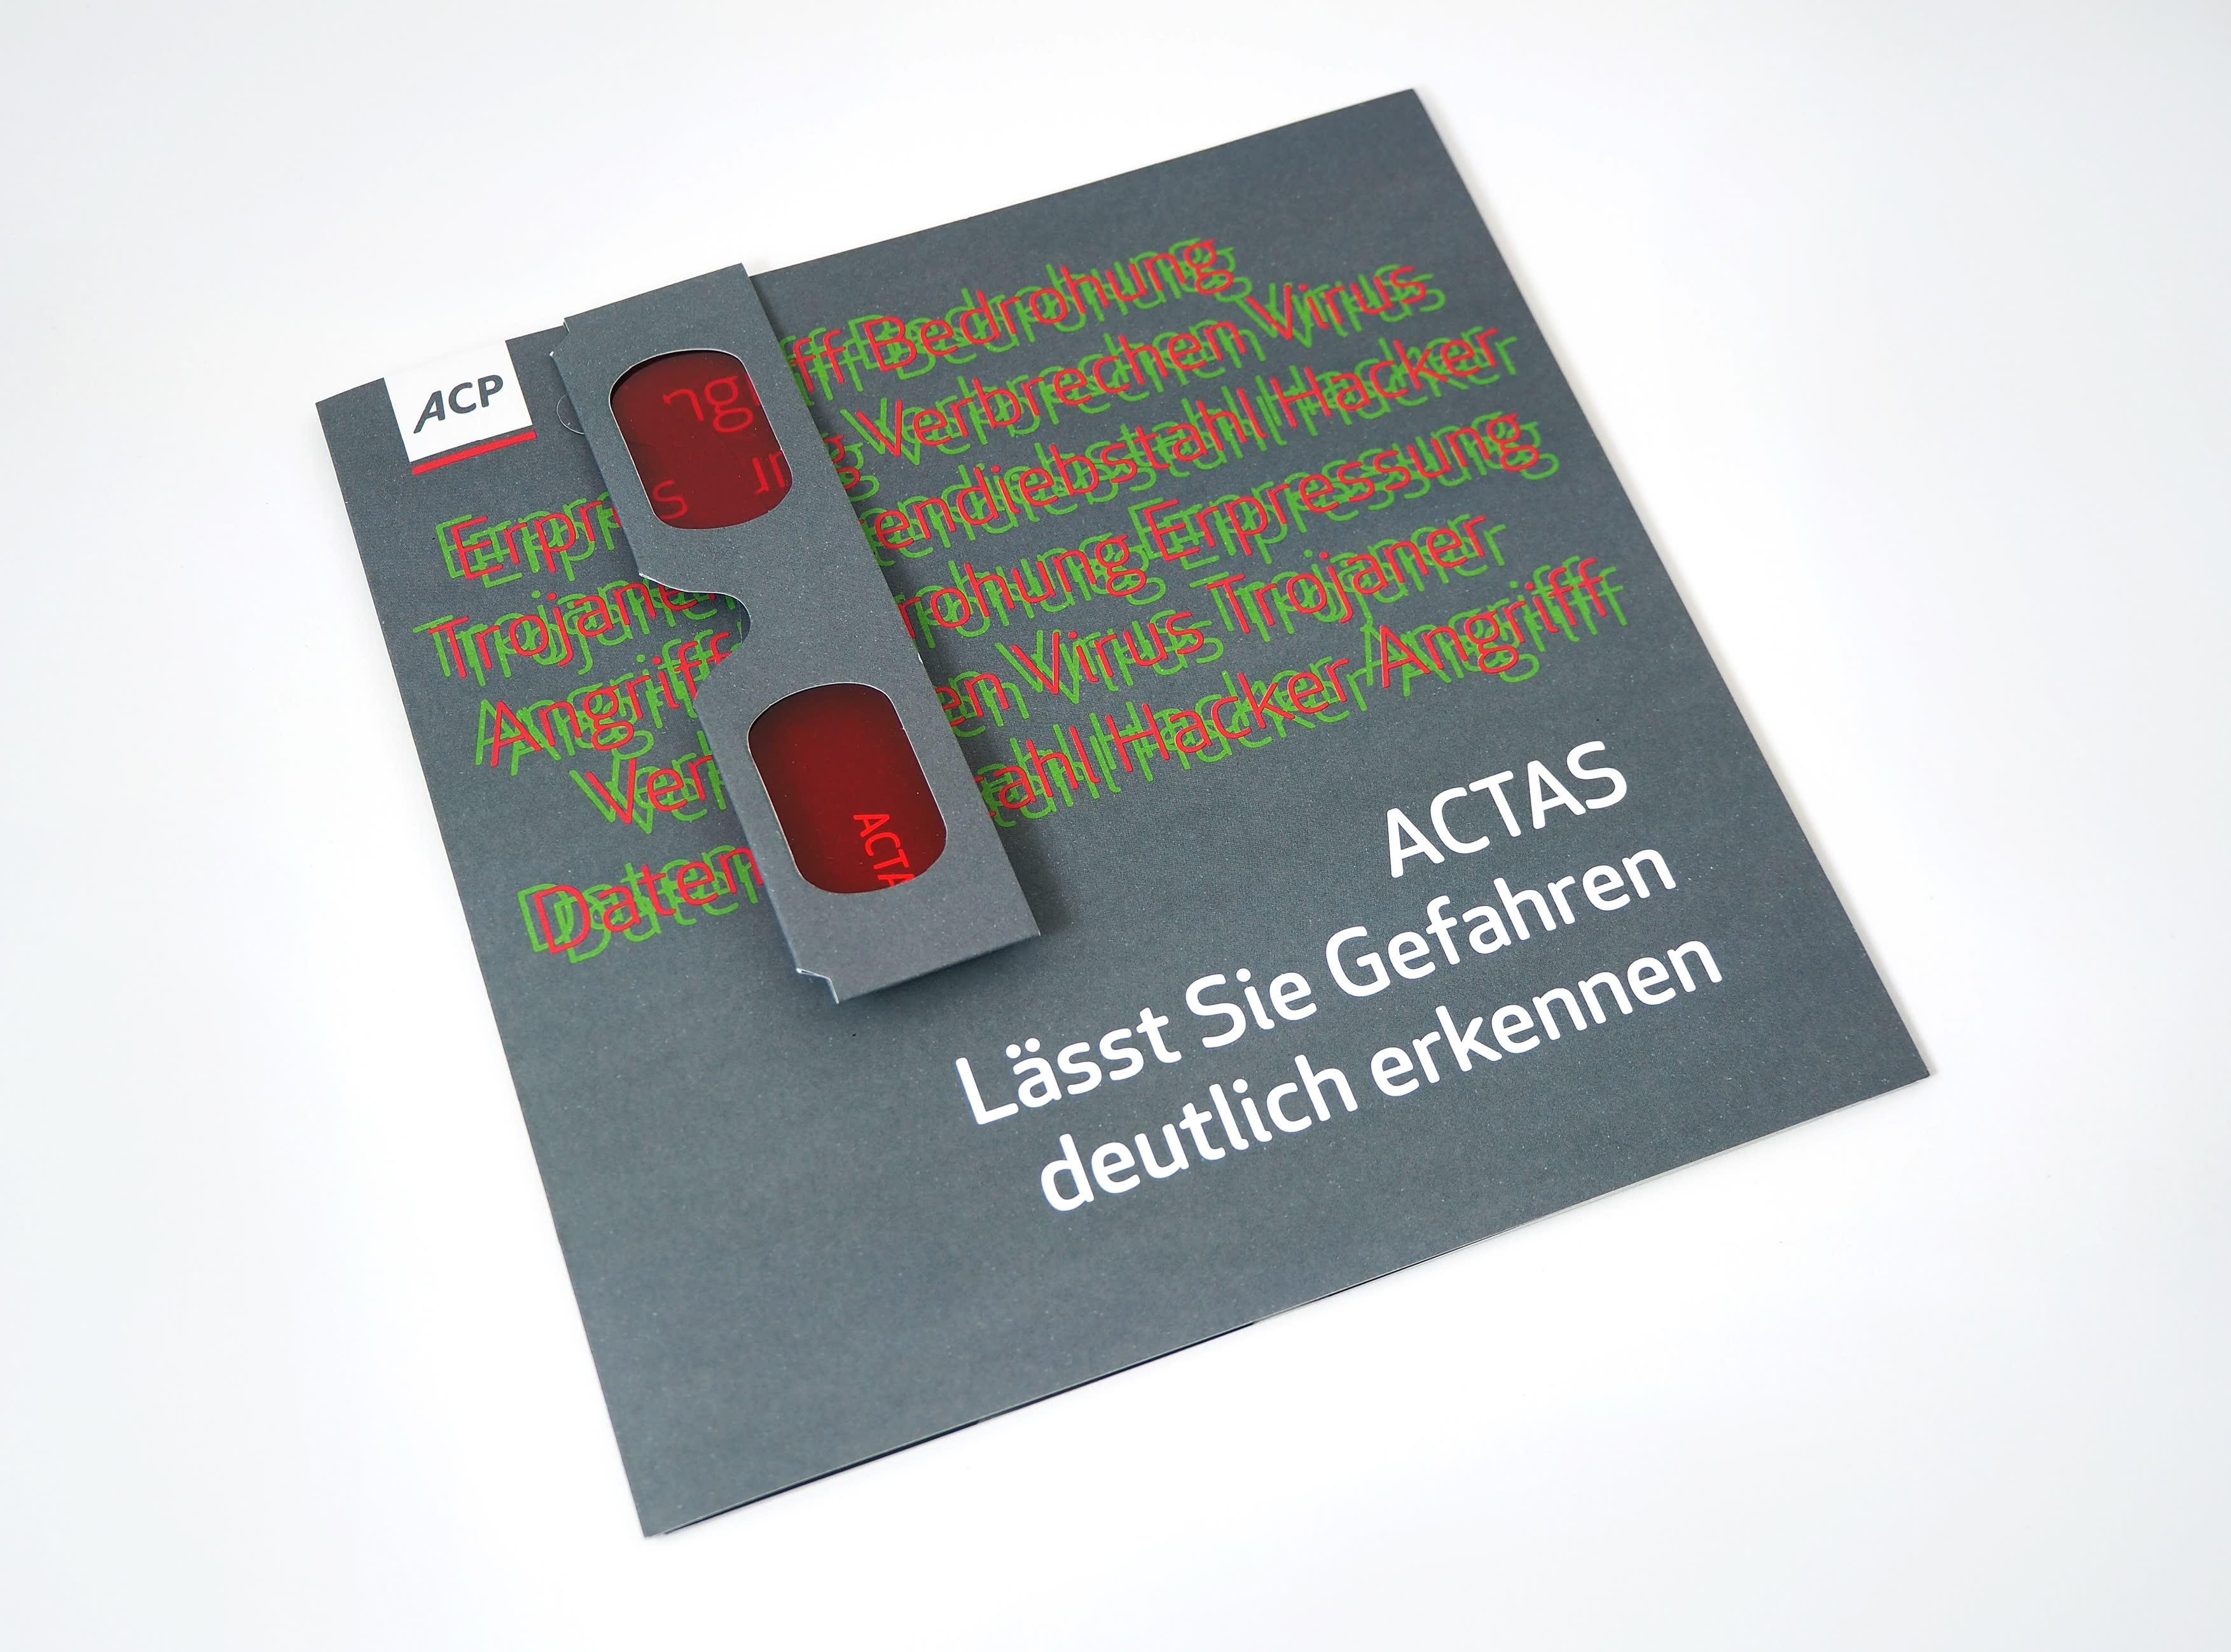 Projektdatei_ ACP Cyber Attacken (ACTAS)1(1)